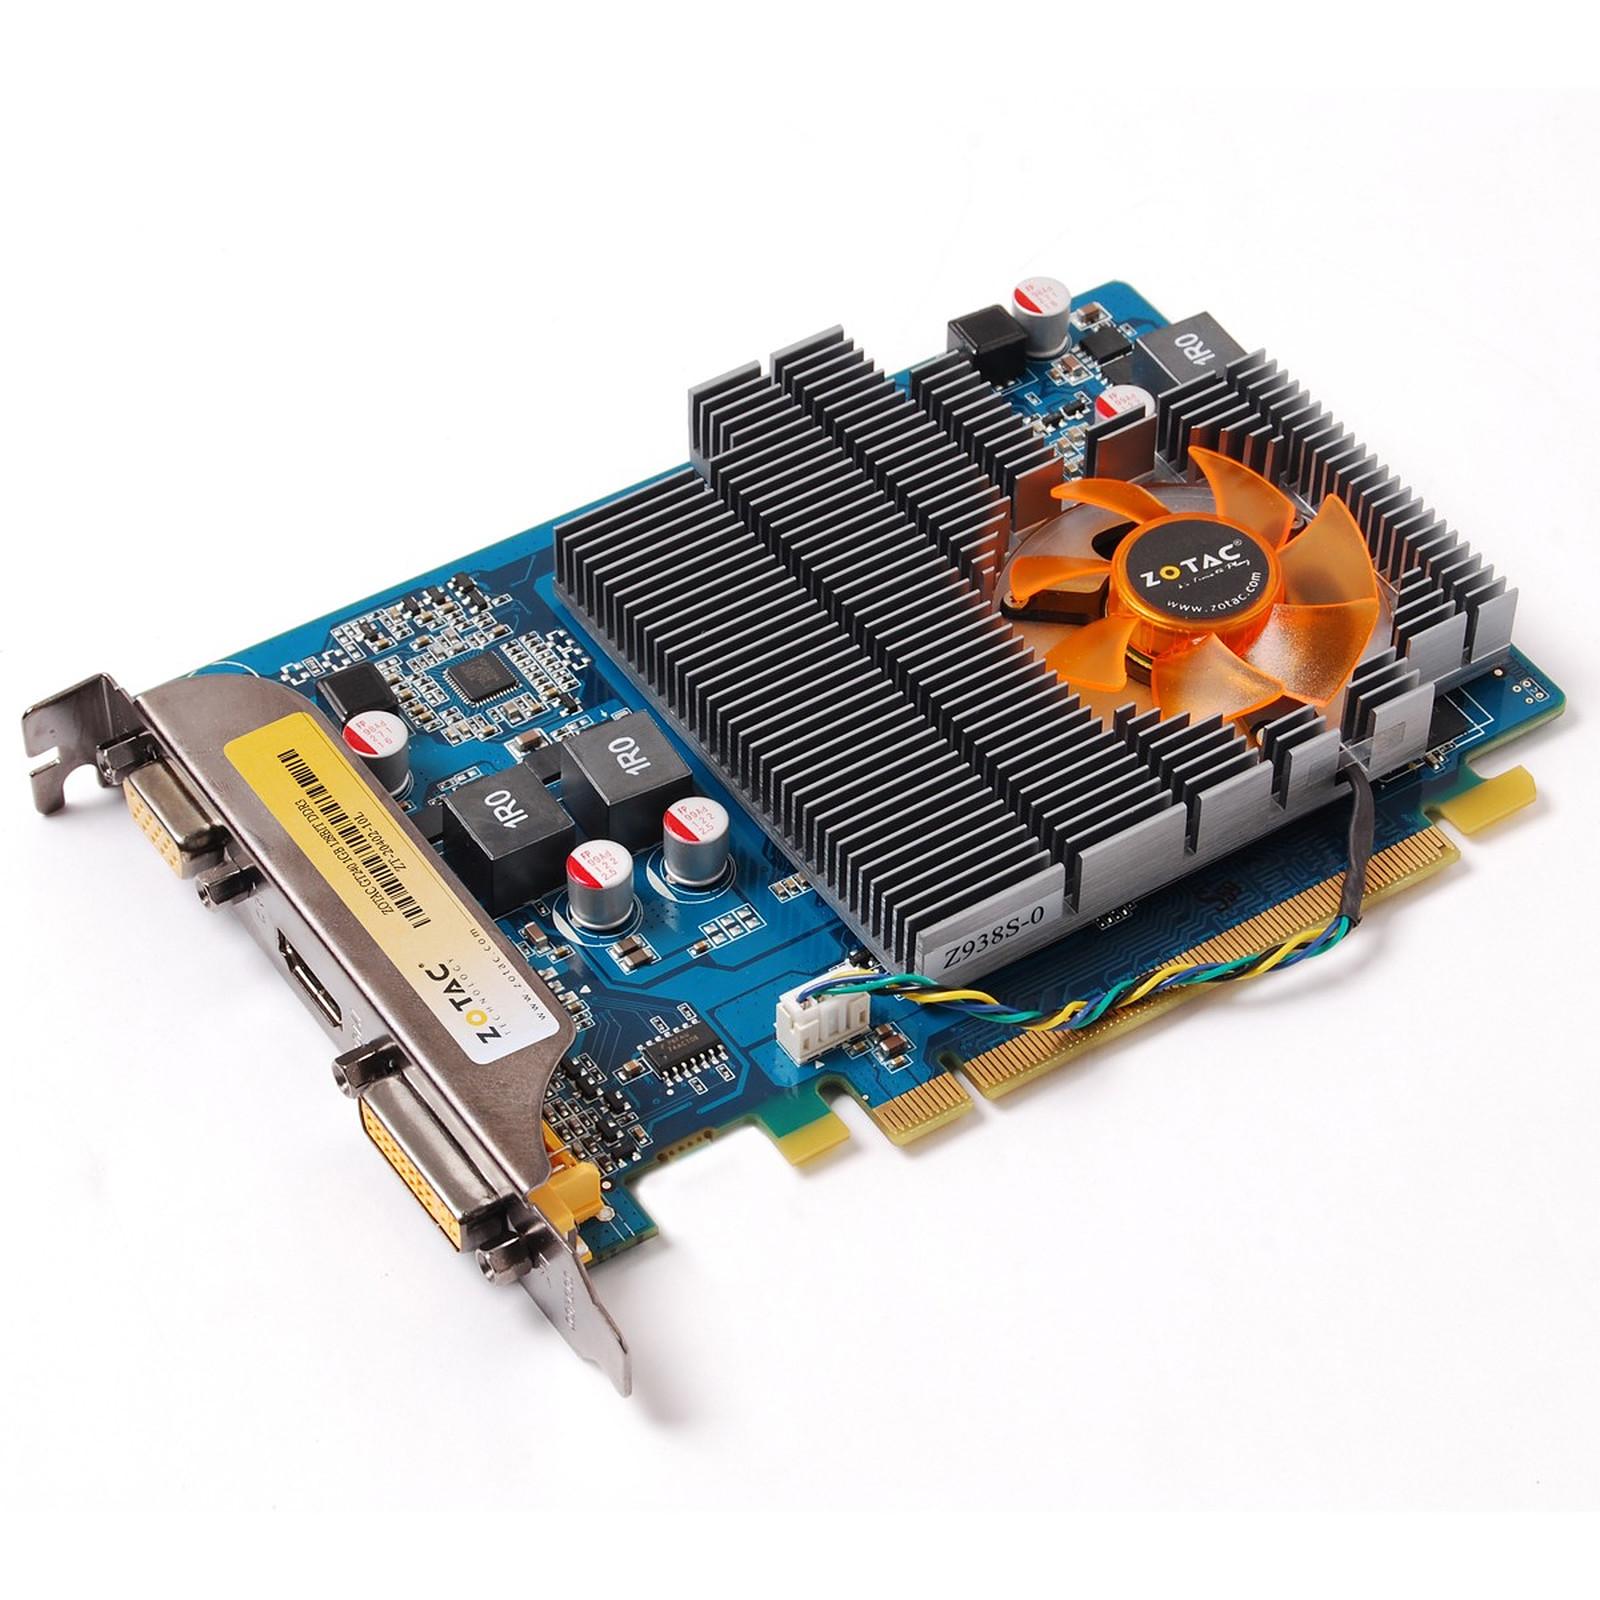 ZOTAC GeForce GT 240 1 GB